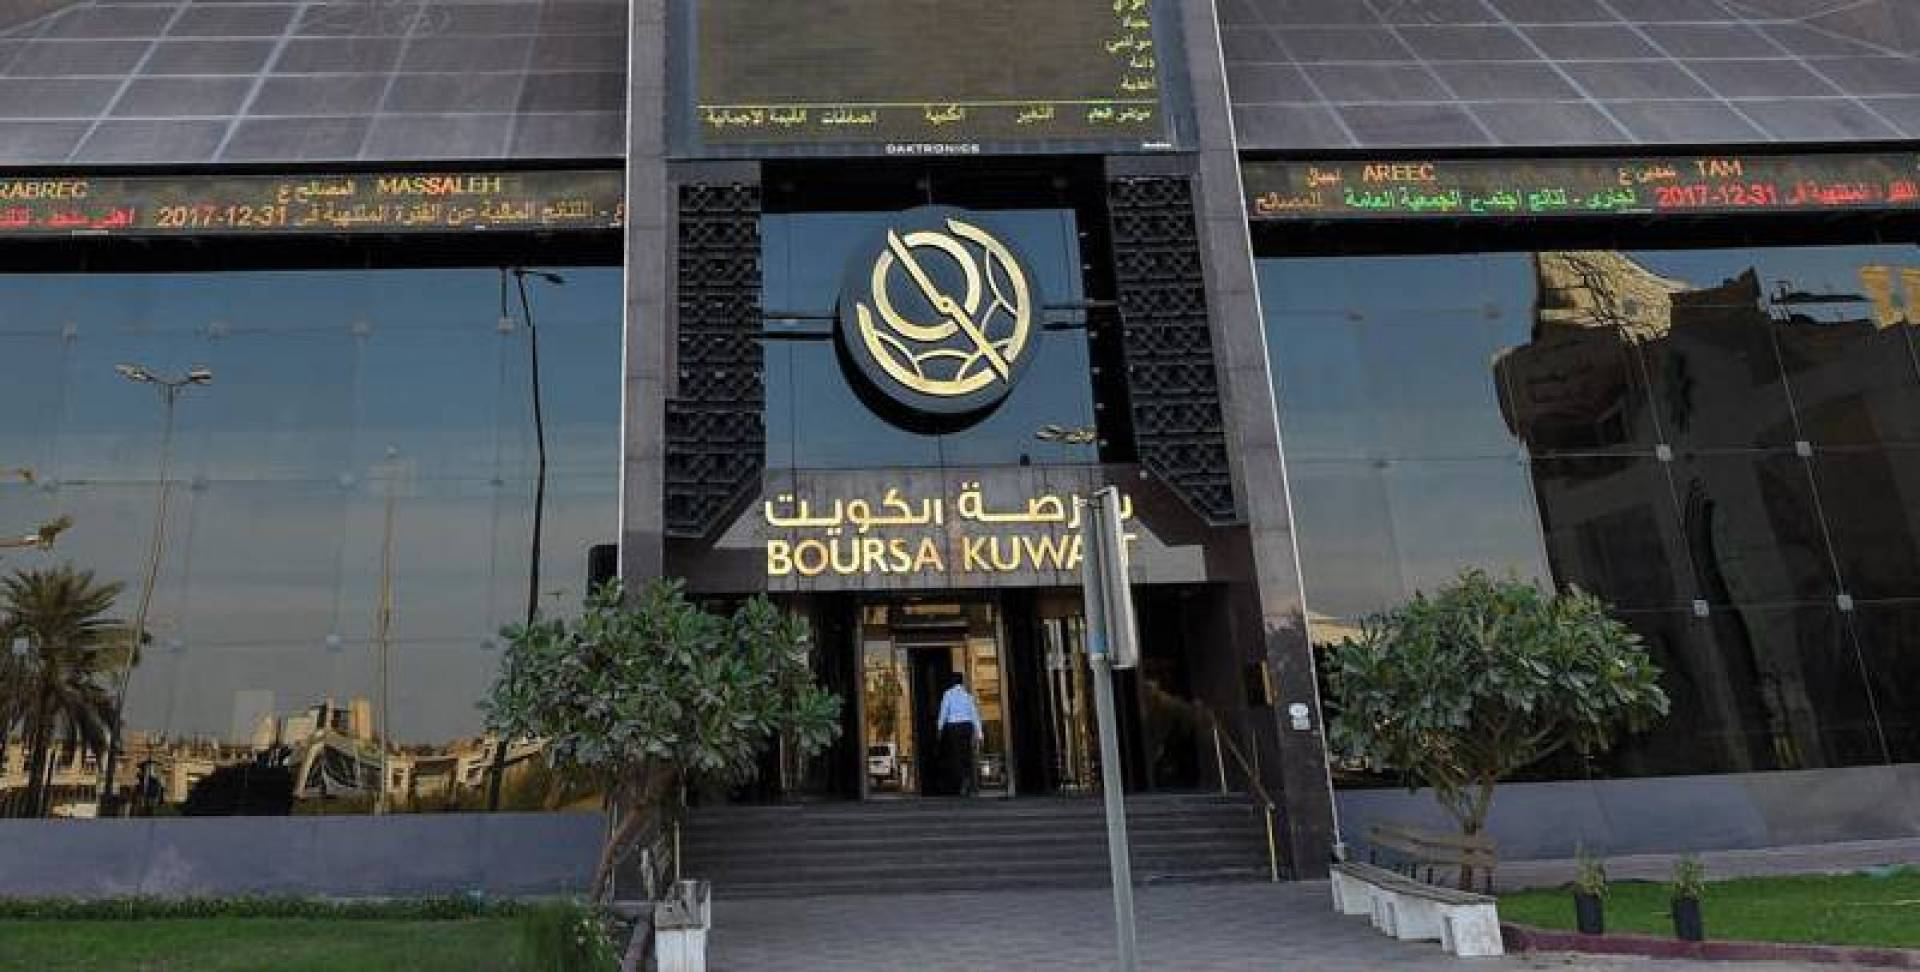 بورصة الكويت تنهي تعاملاتها على انخفاض المؤشر العام 5ر1 نقطة